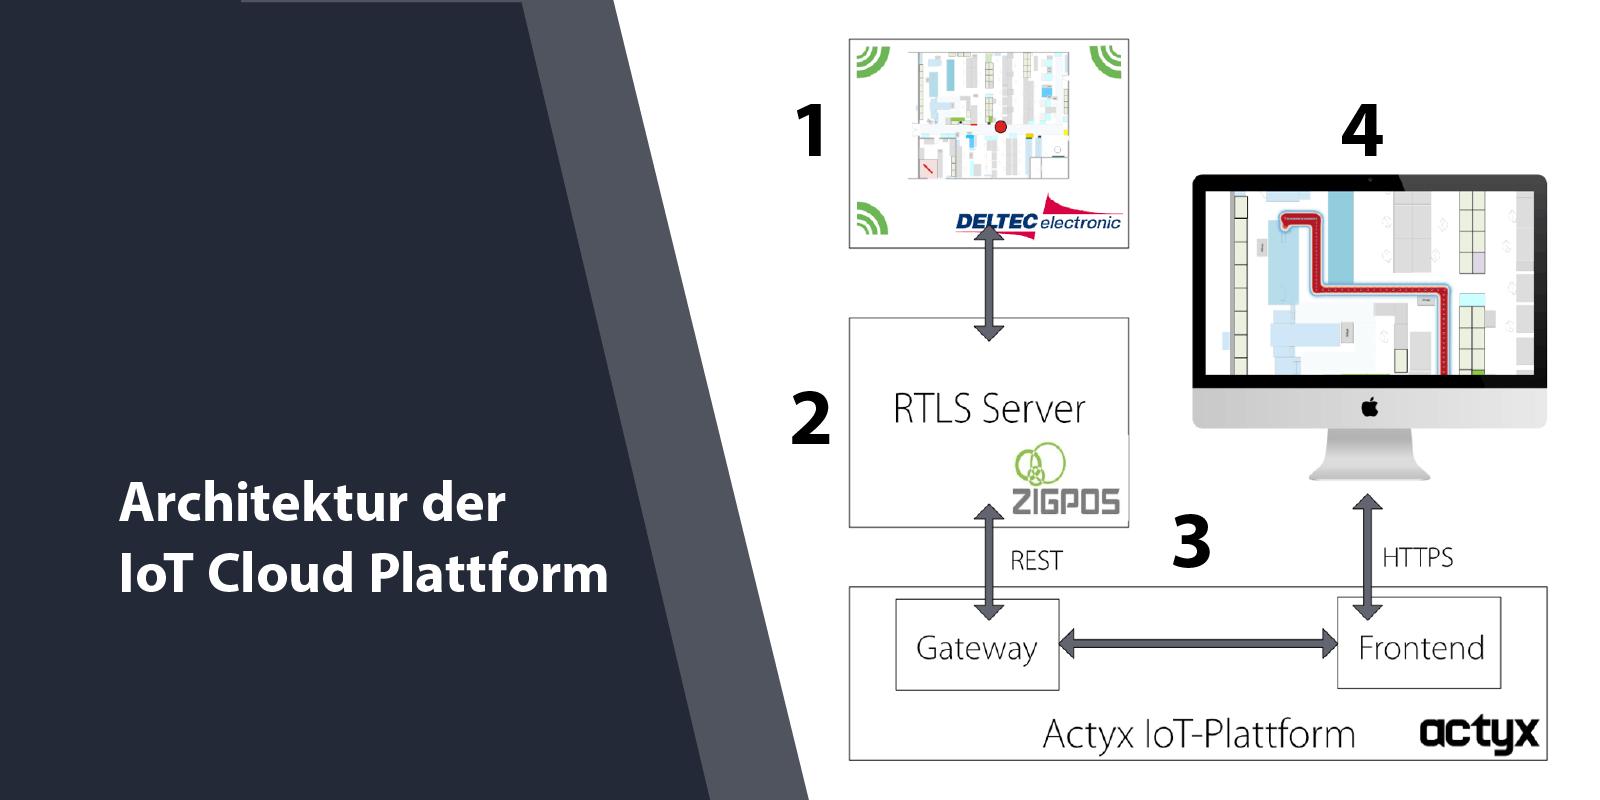 Architektur der IoT Cloud Plattform